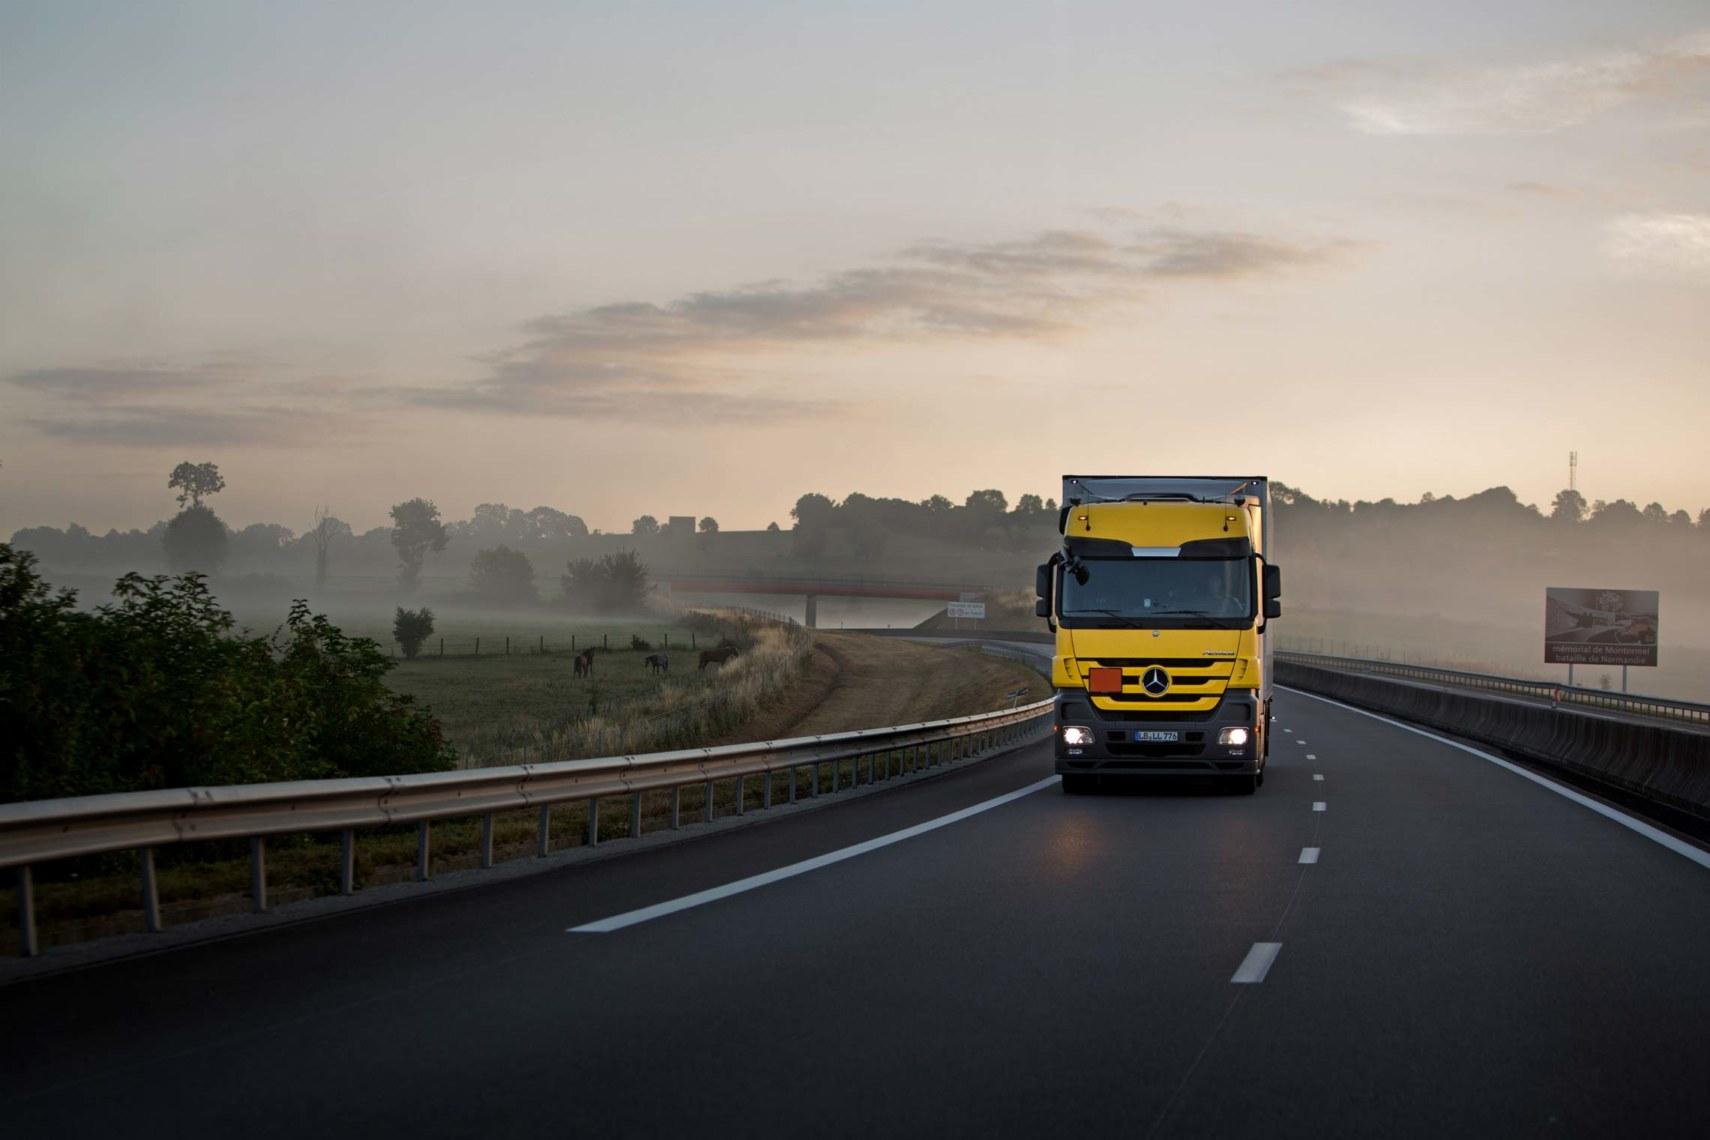 Täglich neun Stunden auf Achse: Im Auftrag von Wörwag hat Nesner schon eine Million Kilometer zurückgelegt. ©Toby Binder